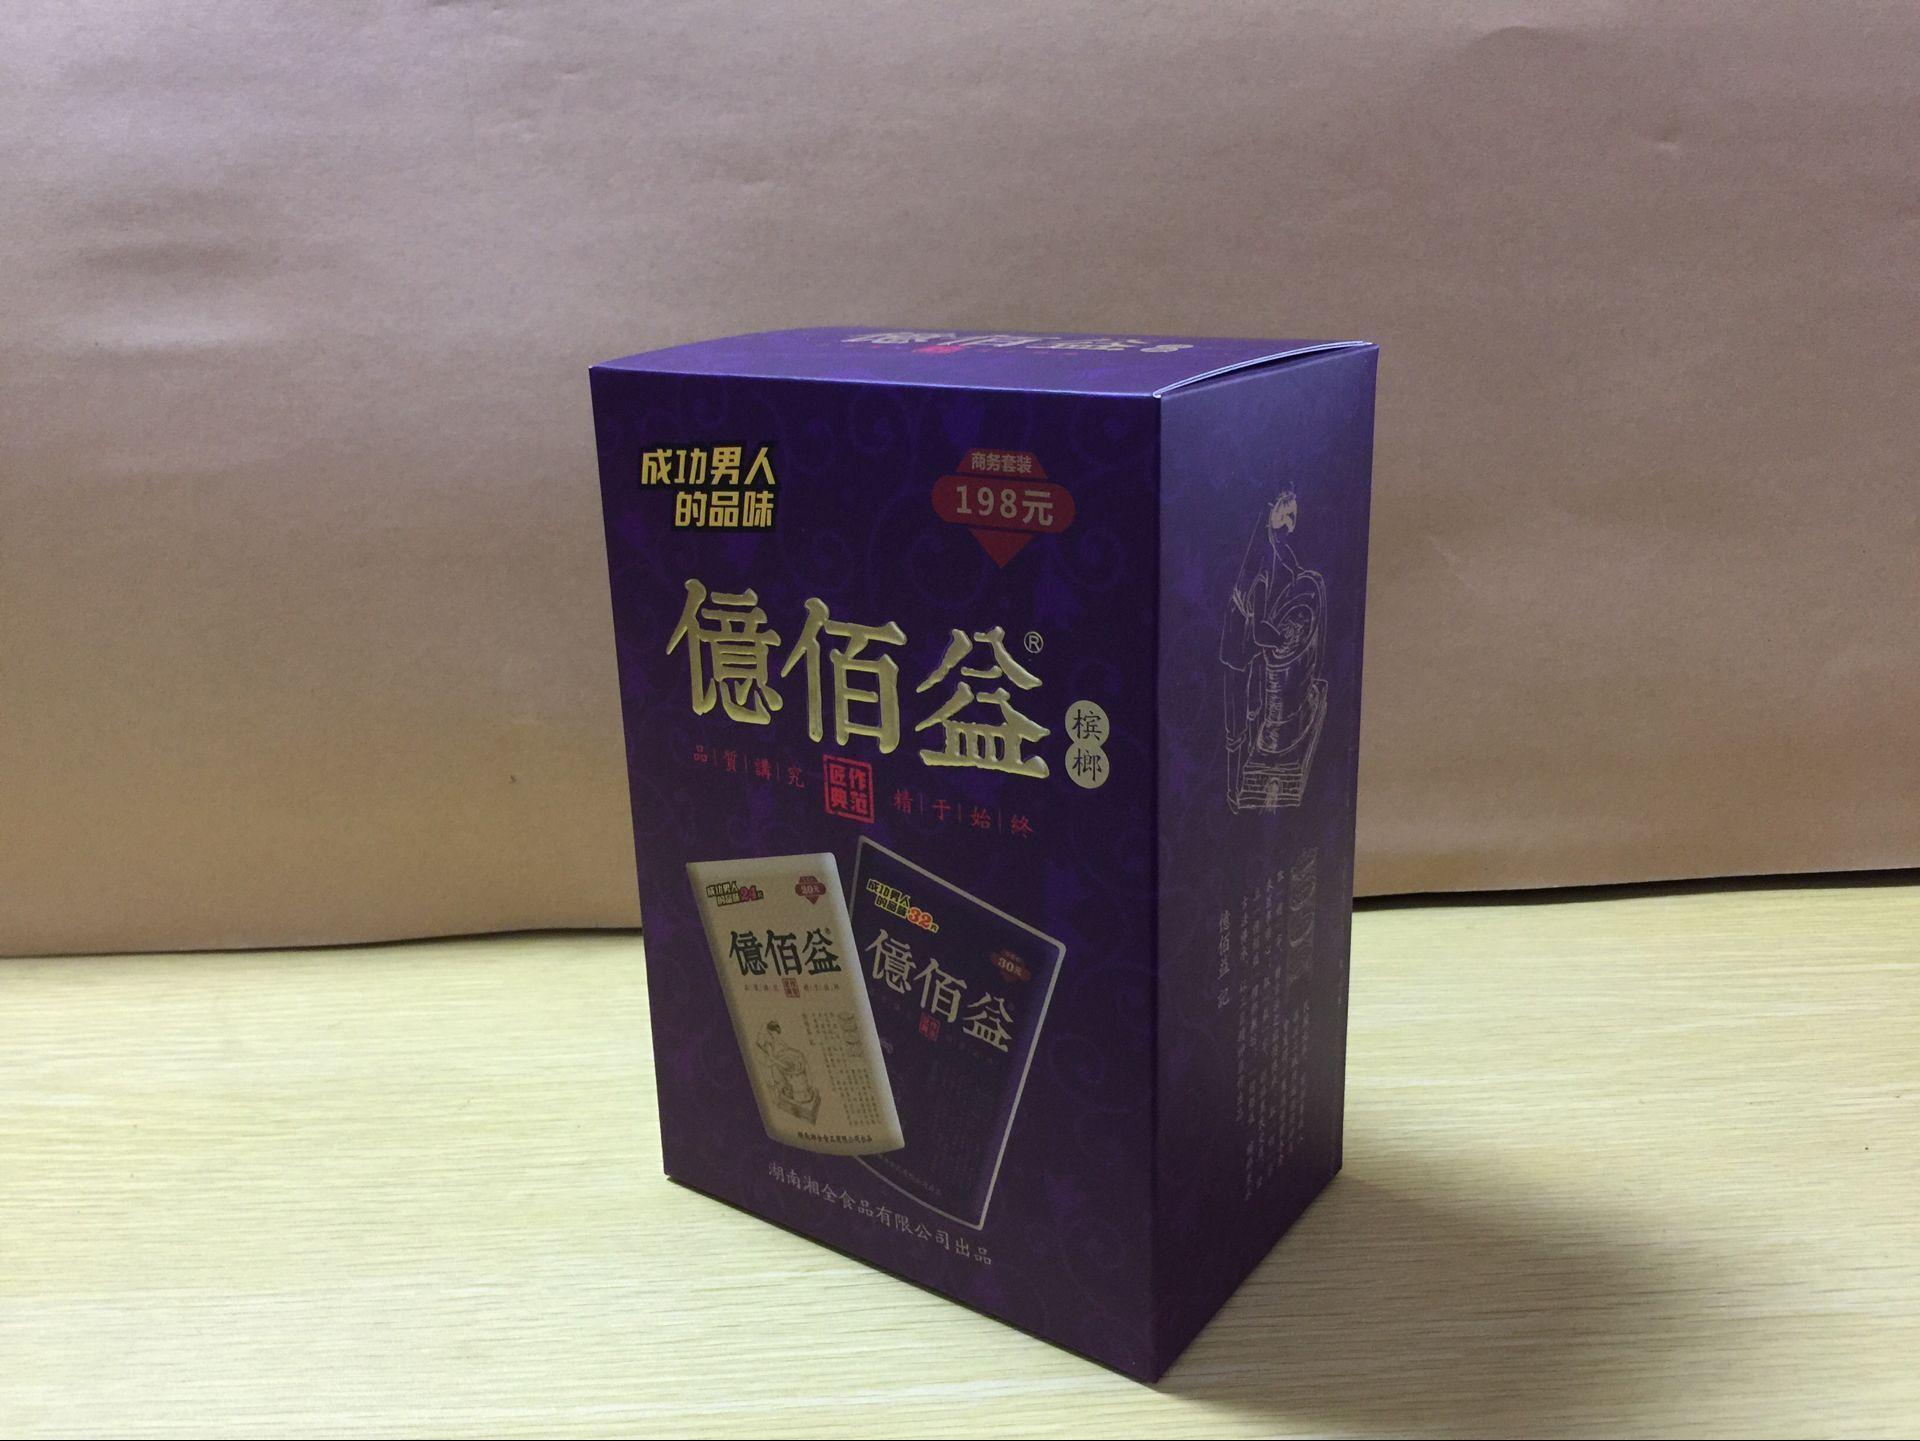 198元亿佰益槟榔包装盒